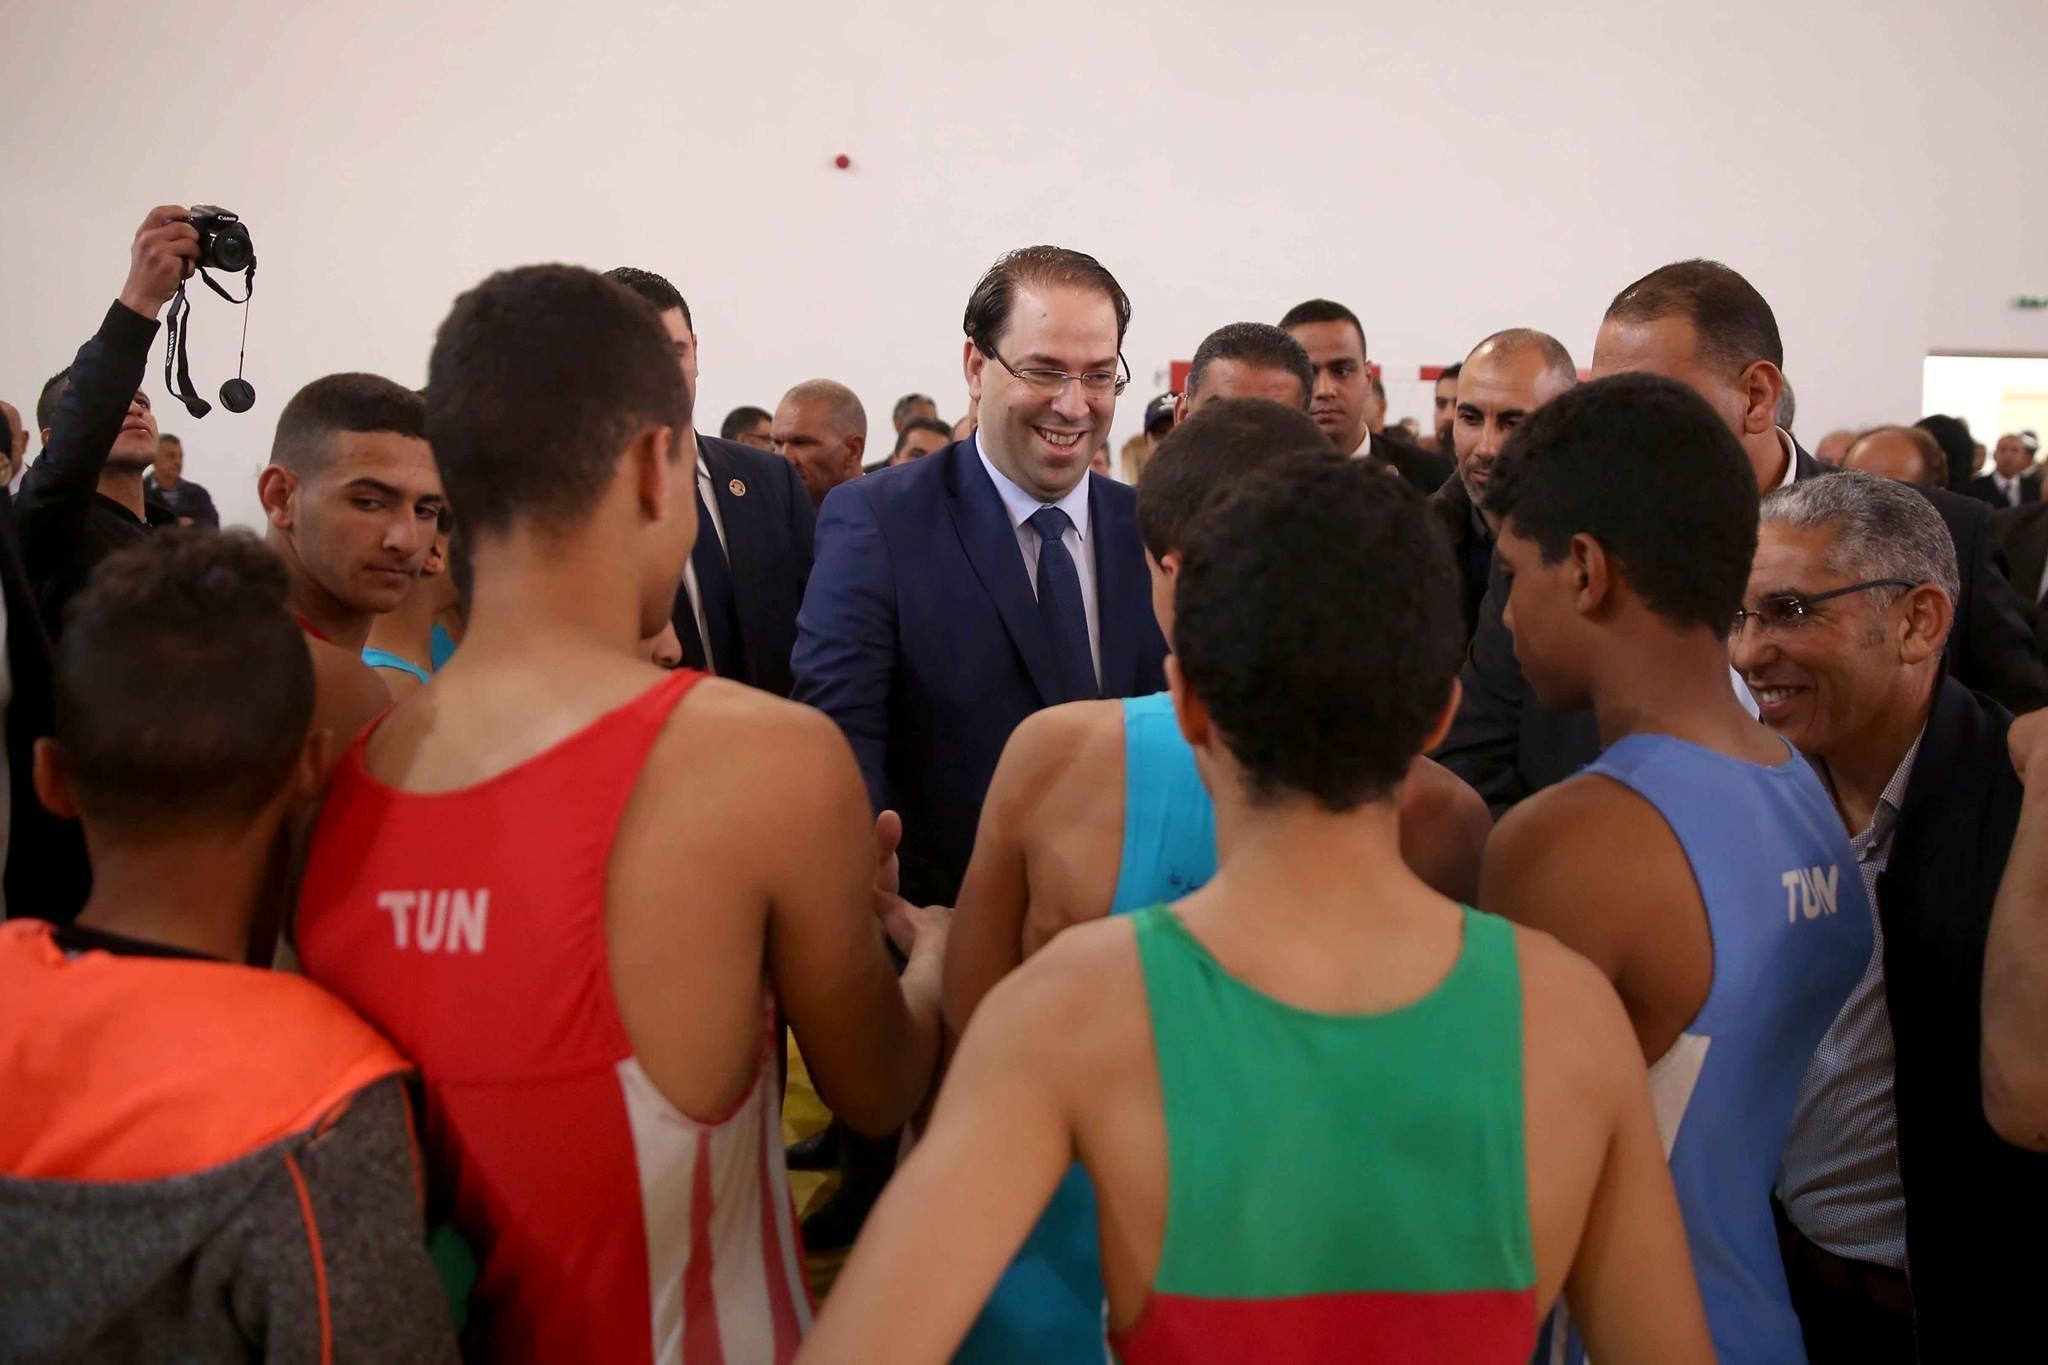 Le chef du gouvernement Youssef Chahed annonce l'aménagement d'une centaine de terrains sportifs dans...